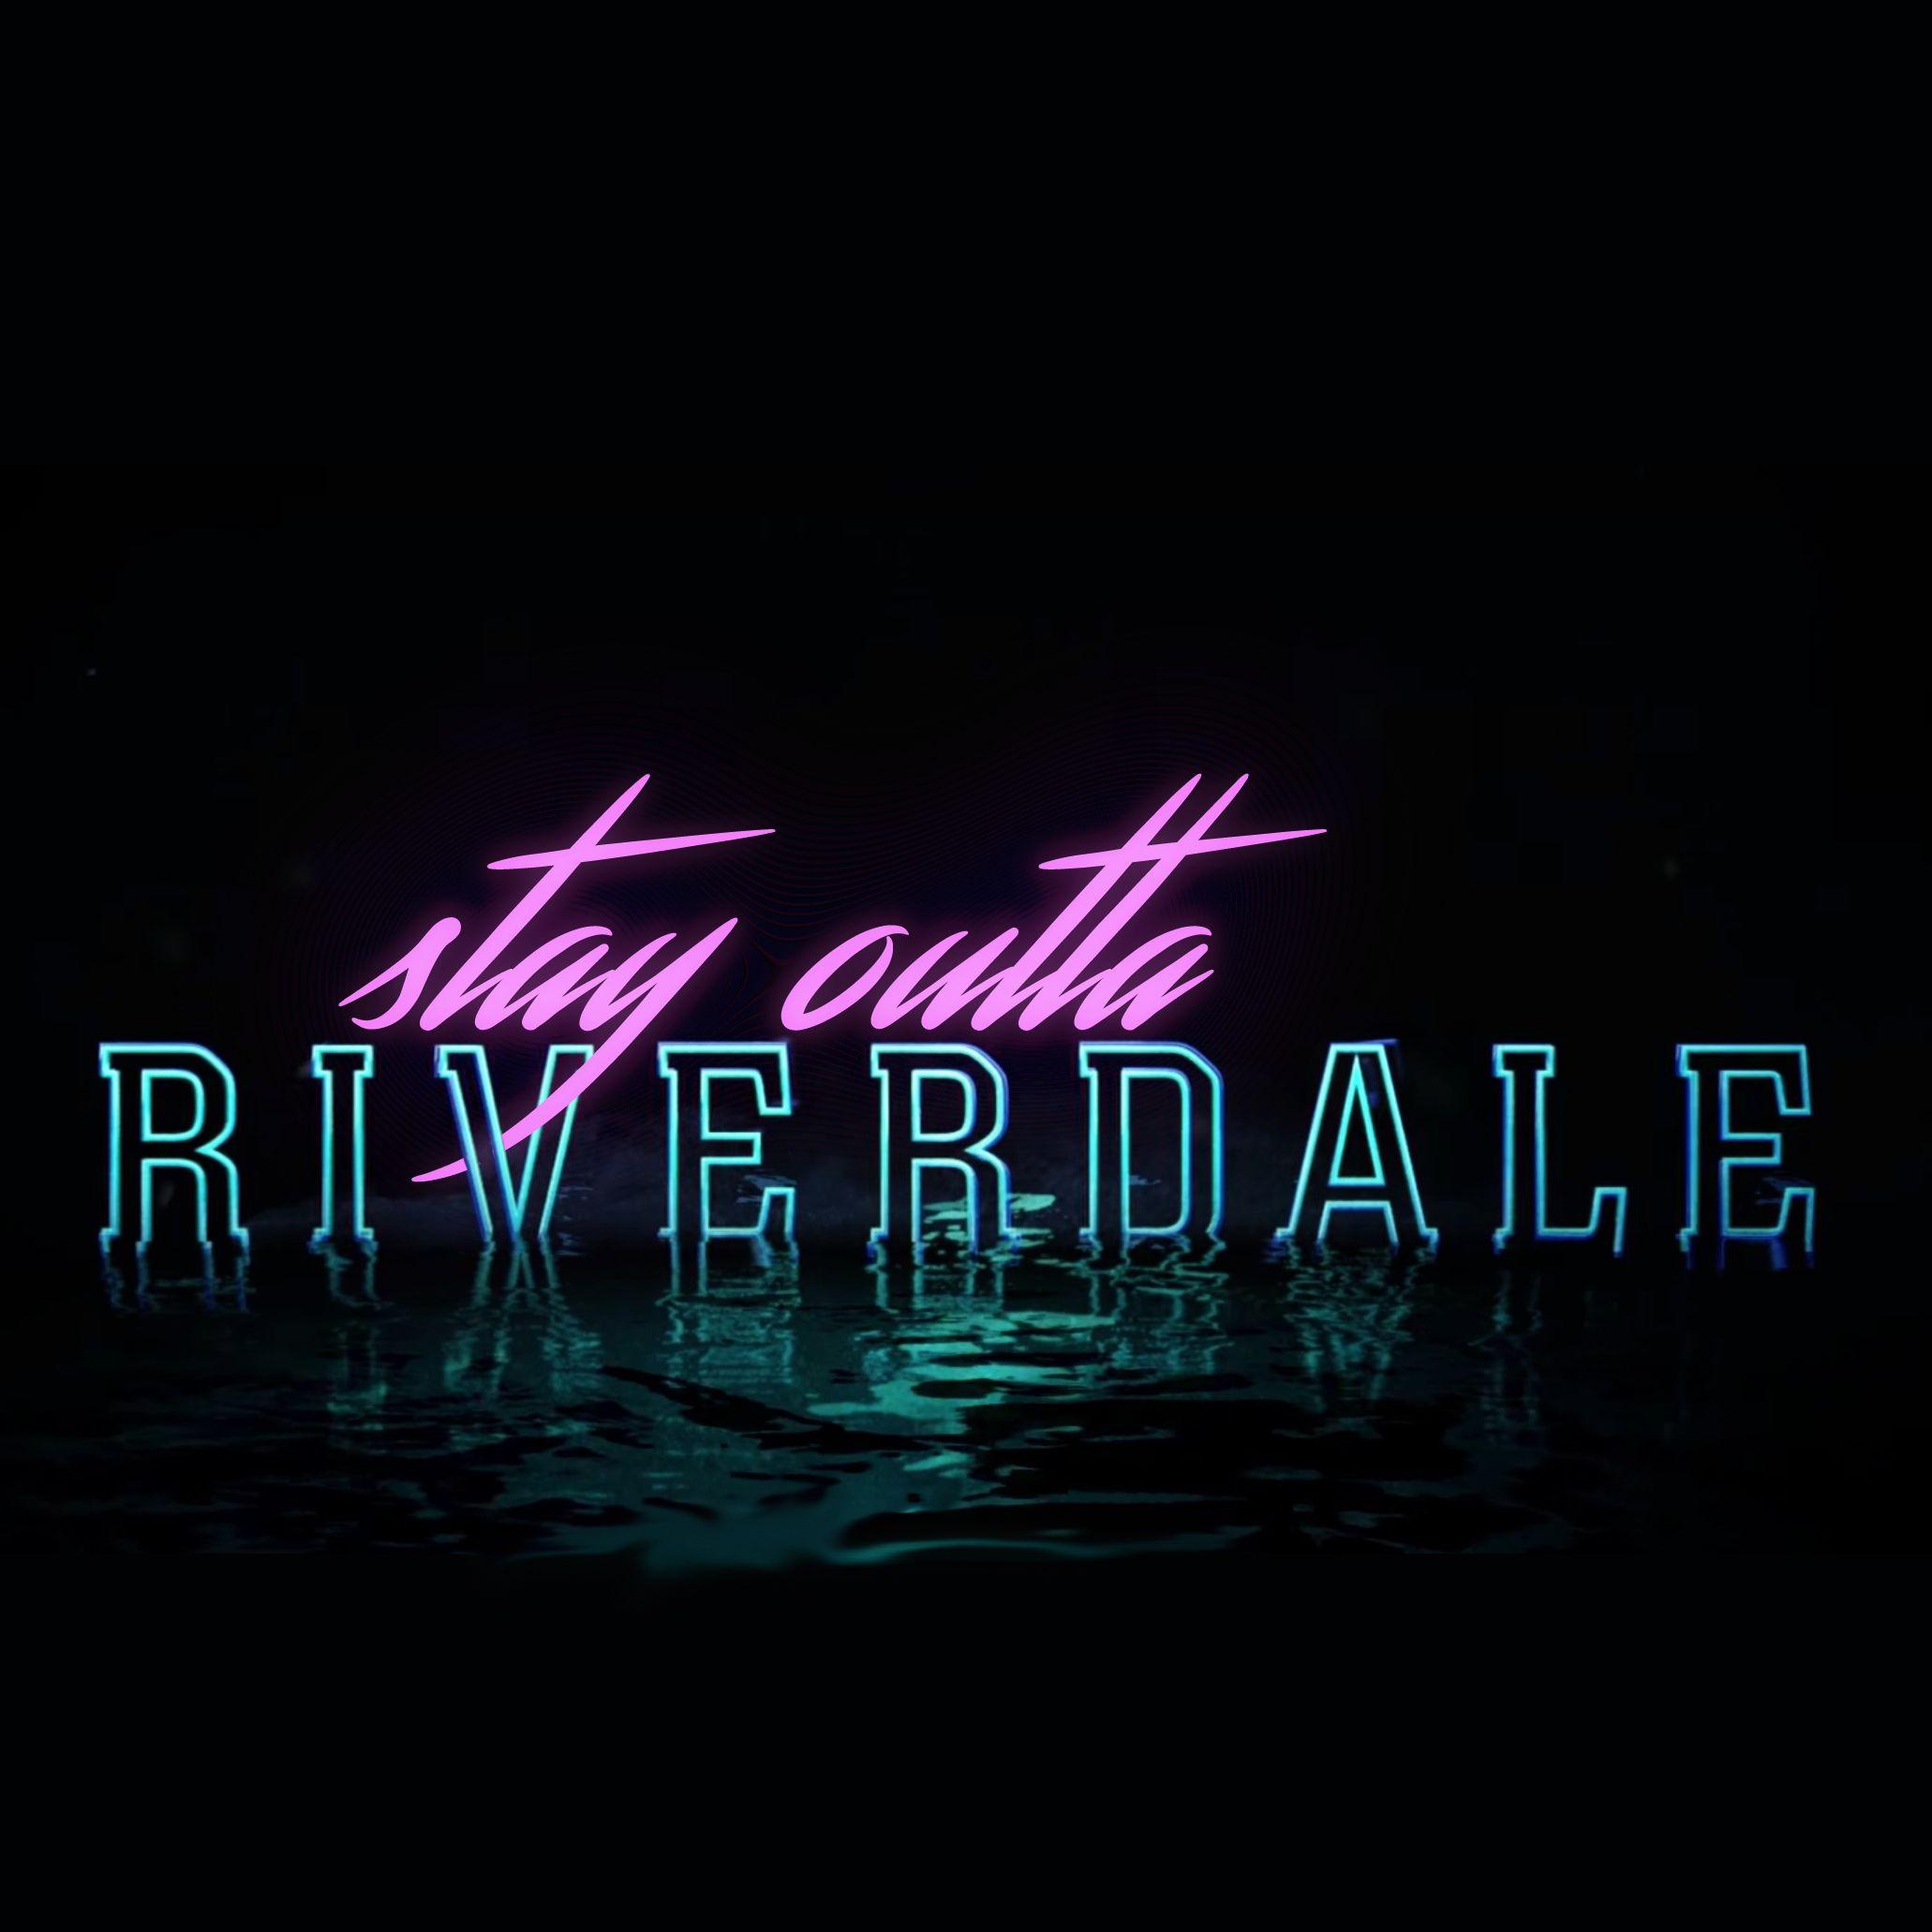 Riverdale Wallpaper: Listen Via Stitcher For Podcasts